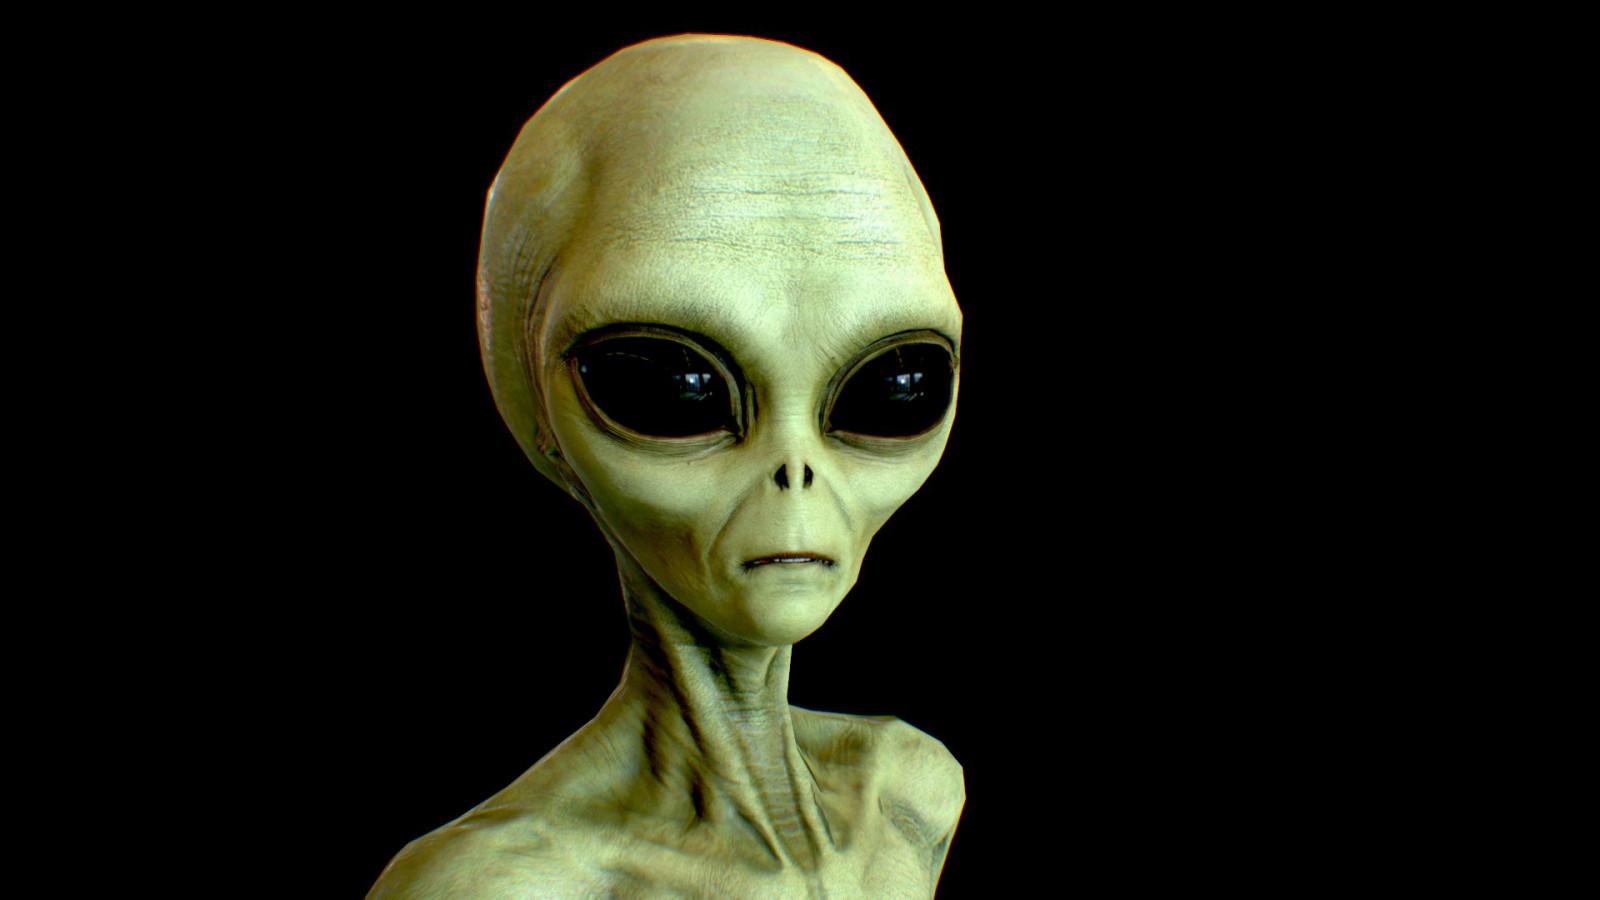 Fond d'écran : 1920x1080 px, extraterrestres, art numérique 1920x1080 - wallbase - 1432823 ...